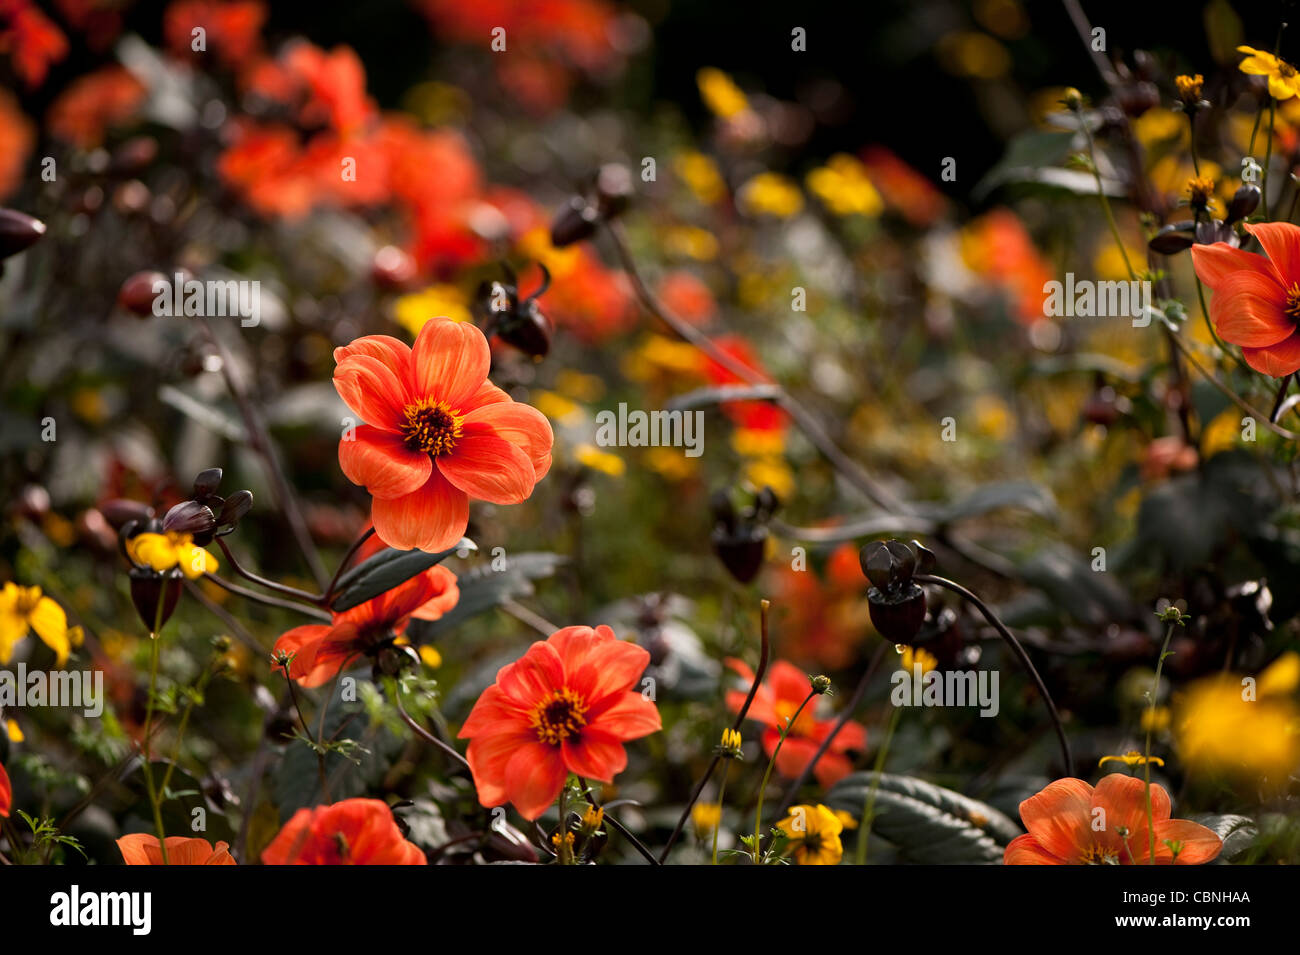 Dahlia Mix Stock Photos & Dahlia Mix Stock Images - Alamy